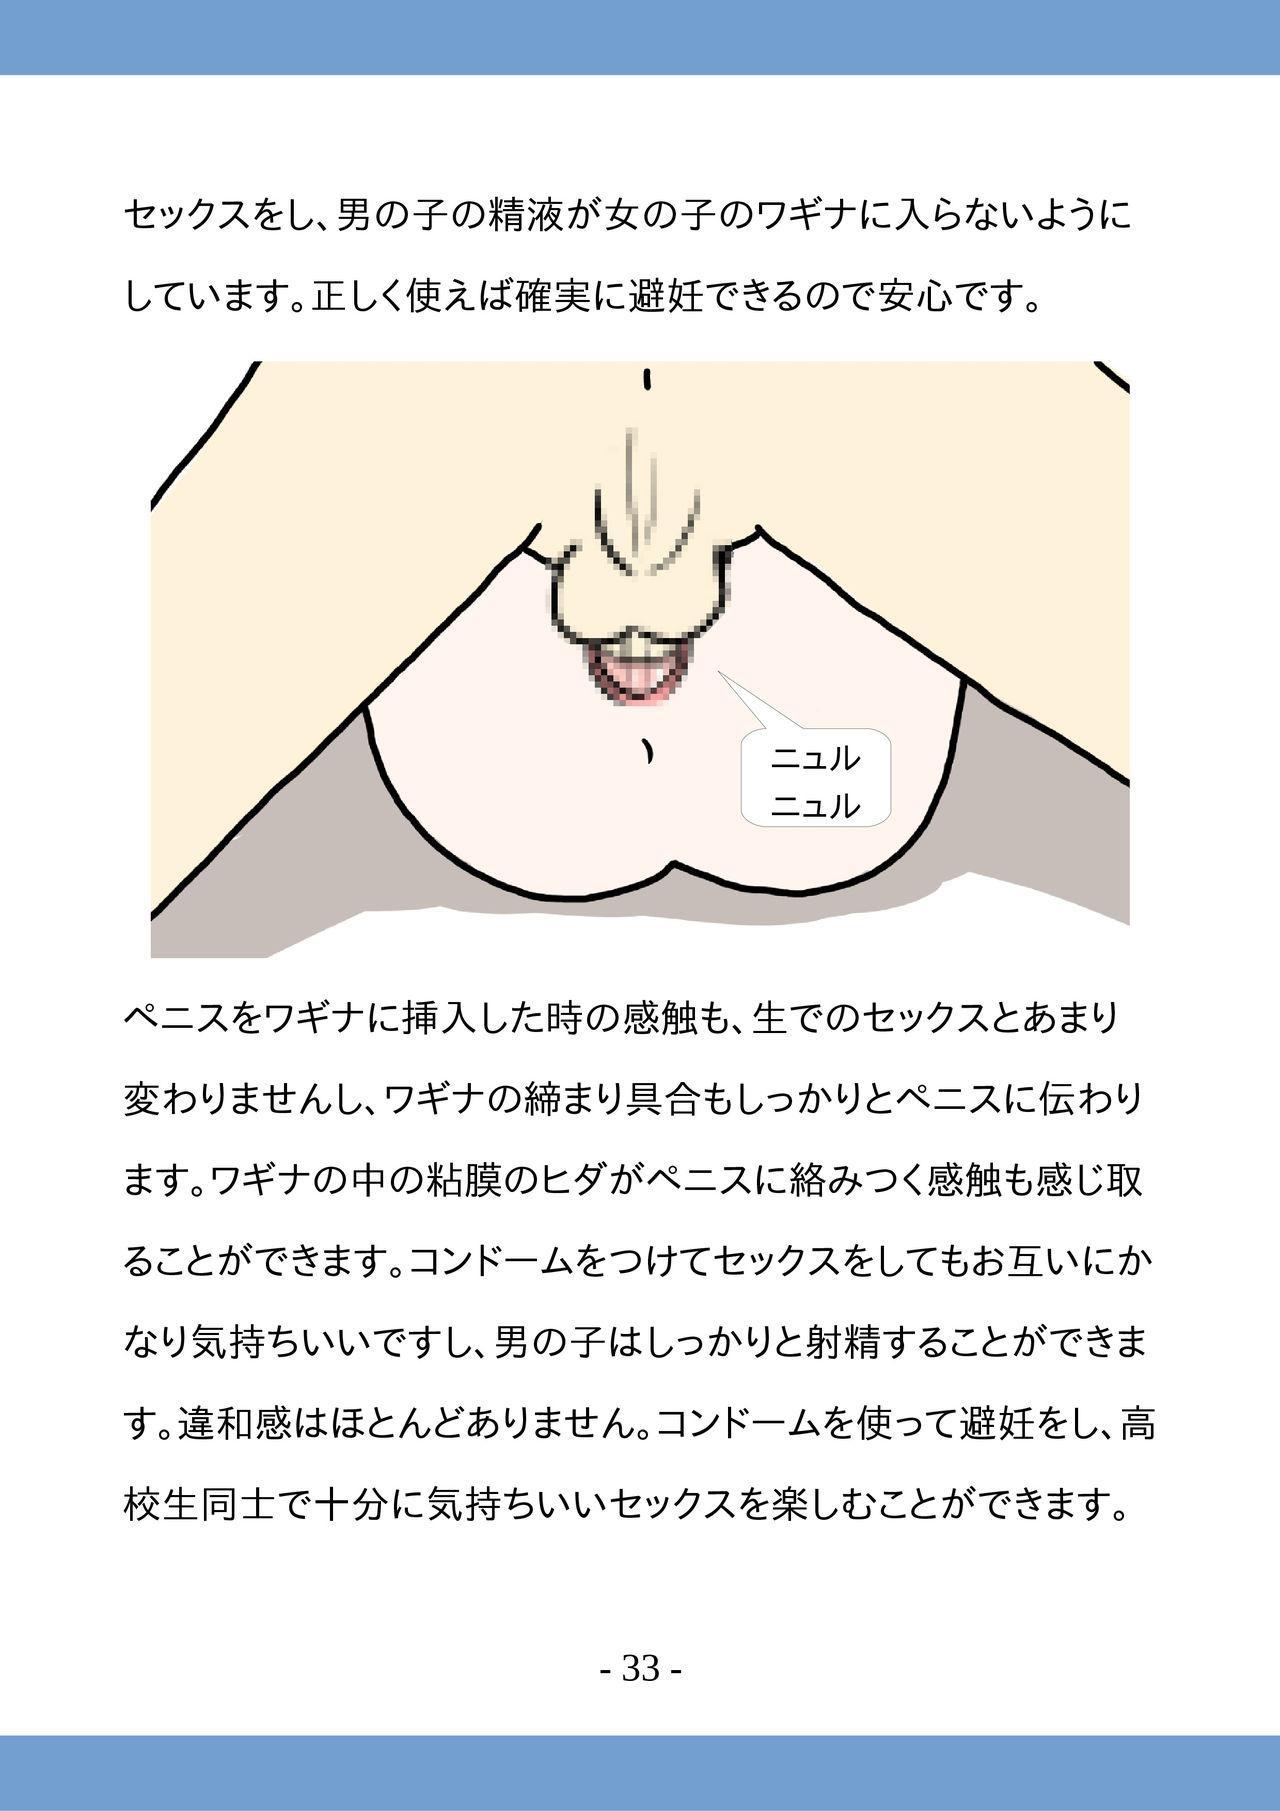 Koukousei no Tame no Sex Kouza 32